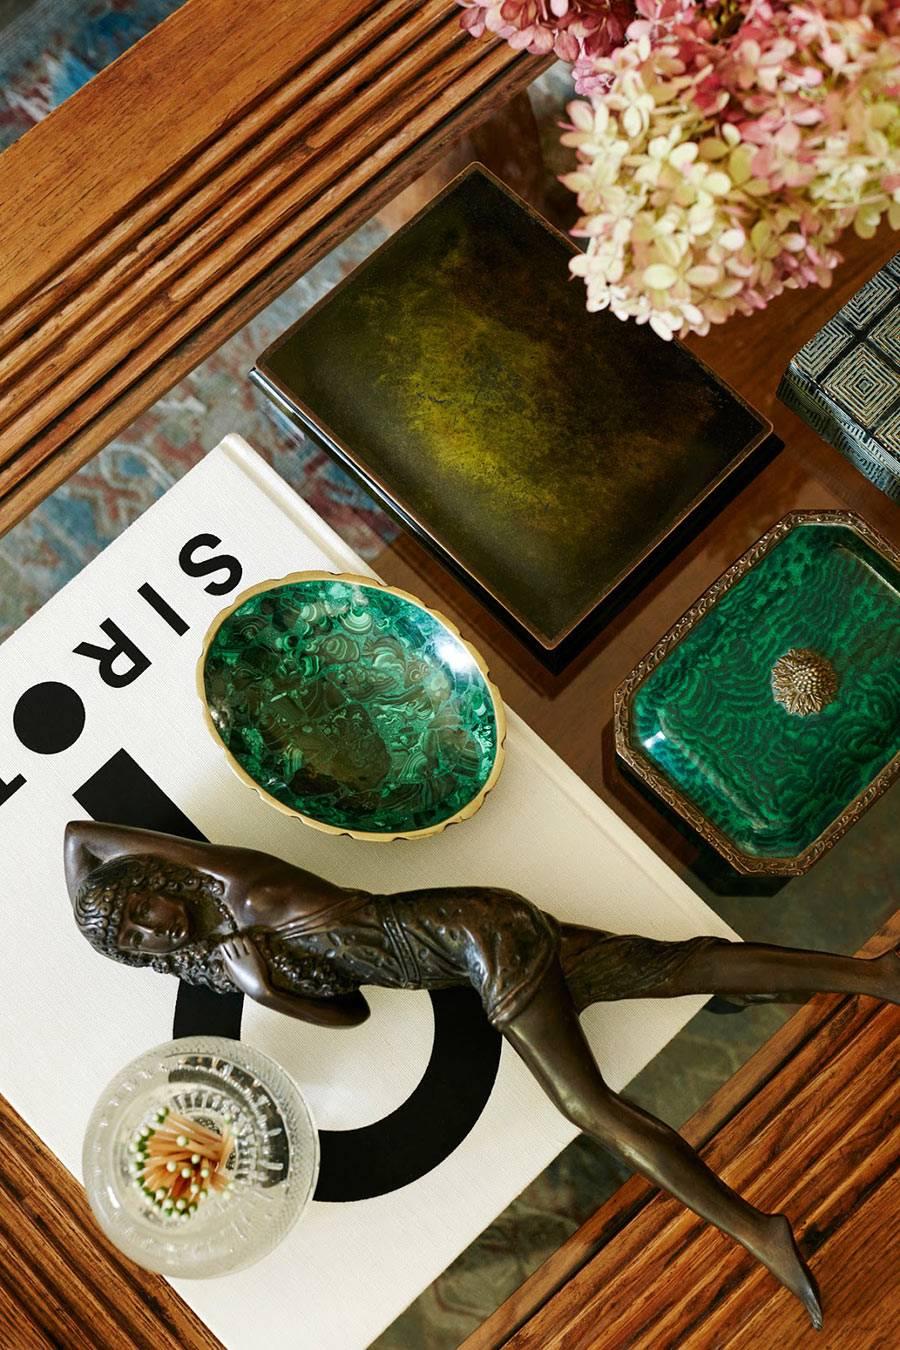 красивые шкатулки из малахита и других материалов на журнальном столе